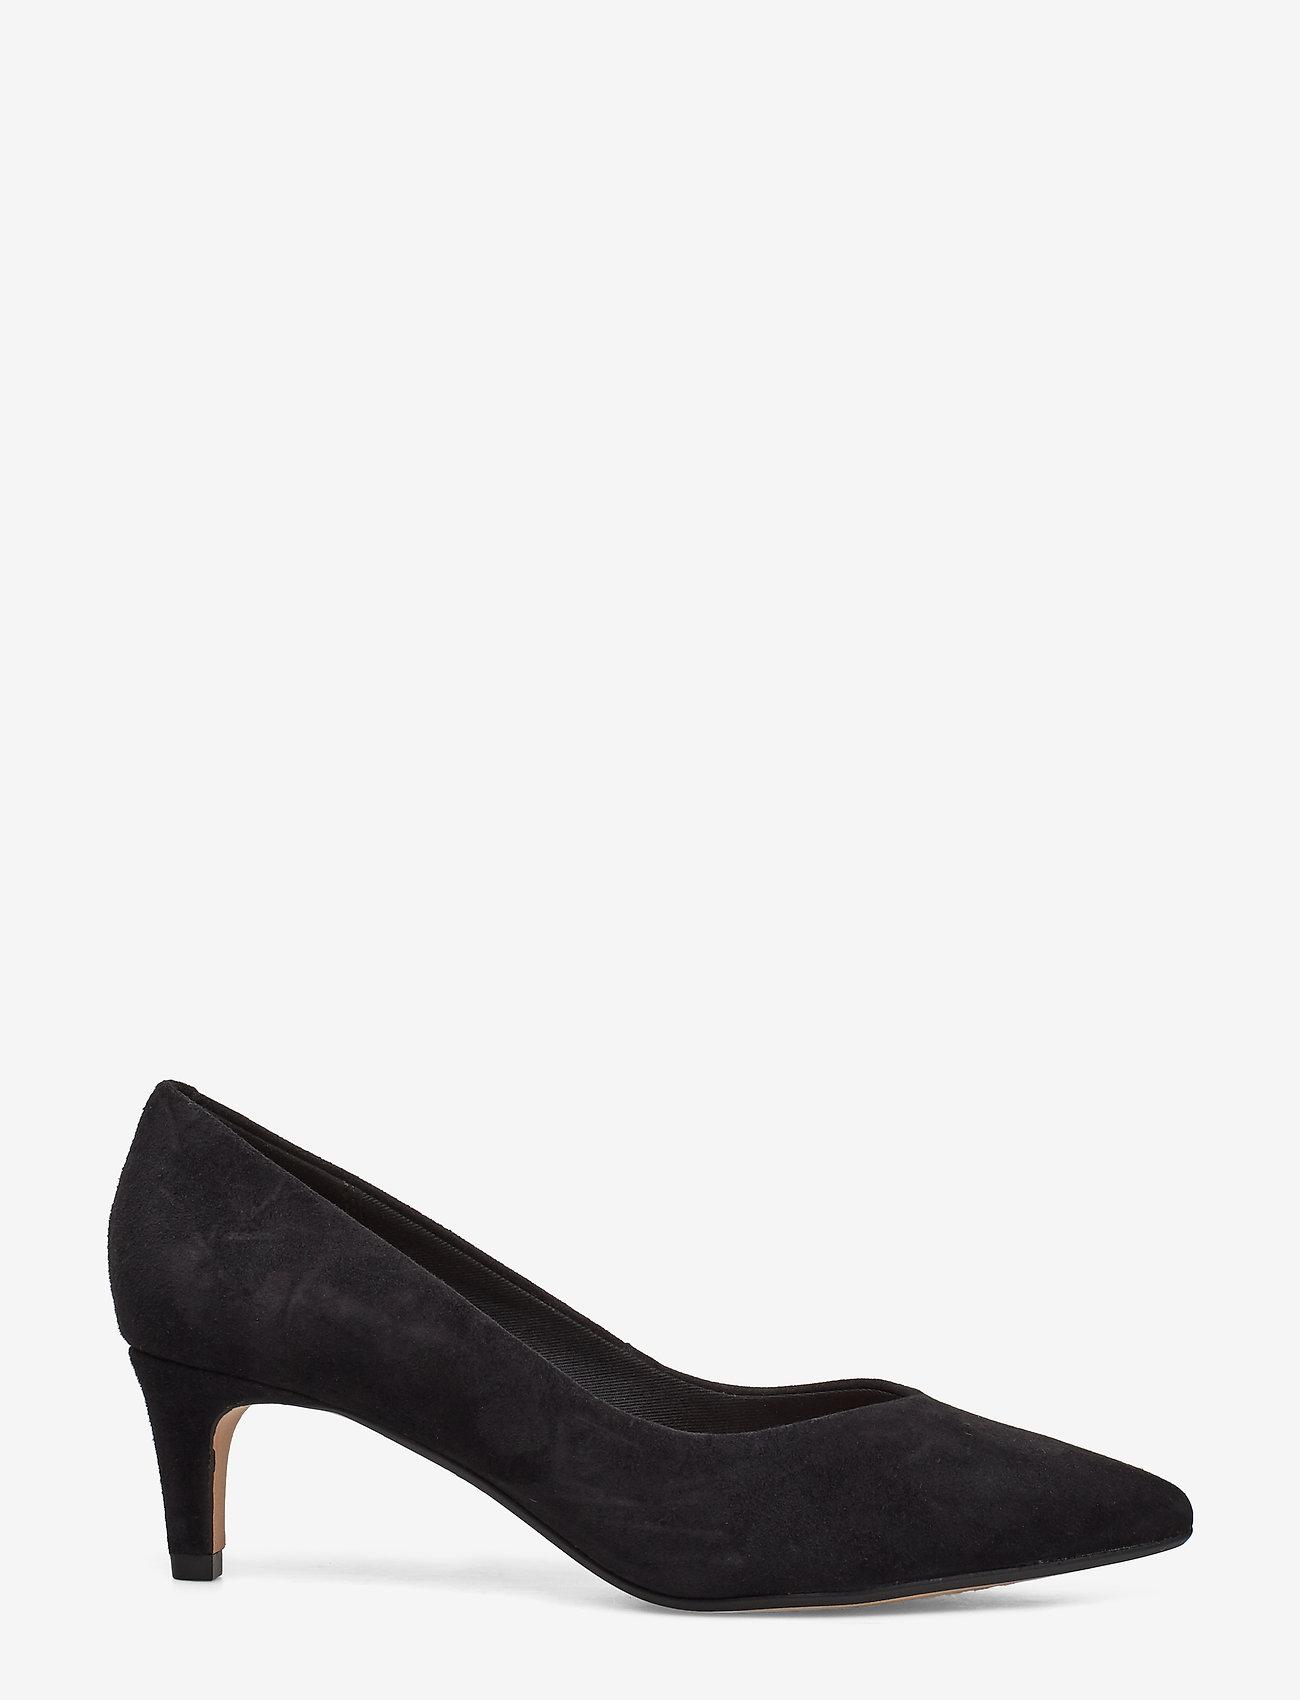 Clarks - Laina55 Court - klassiska pumps - black sde - 1